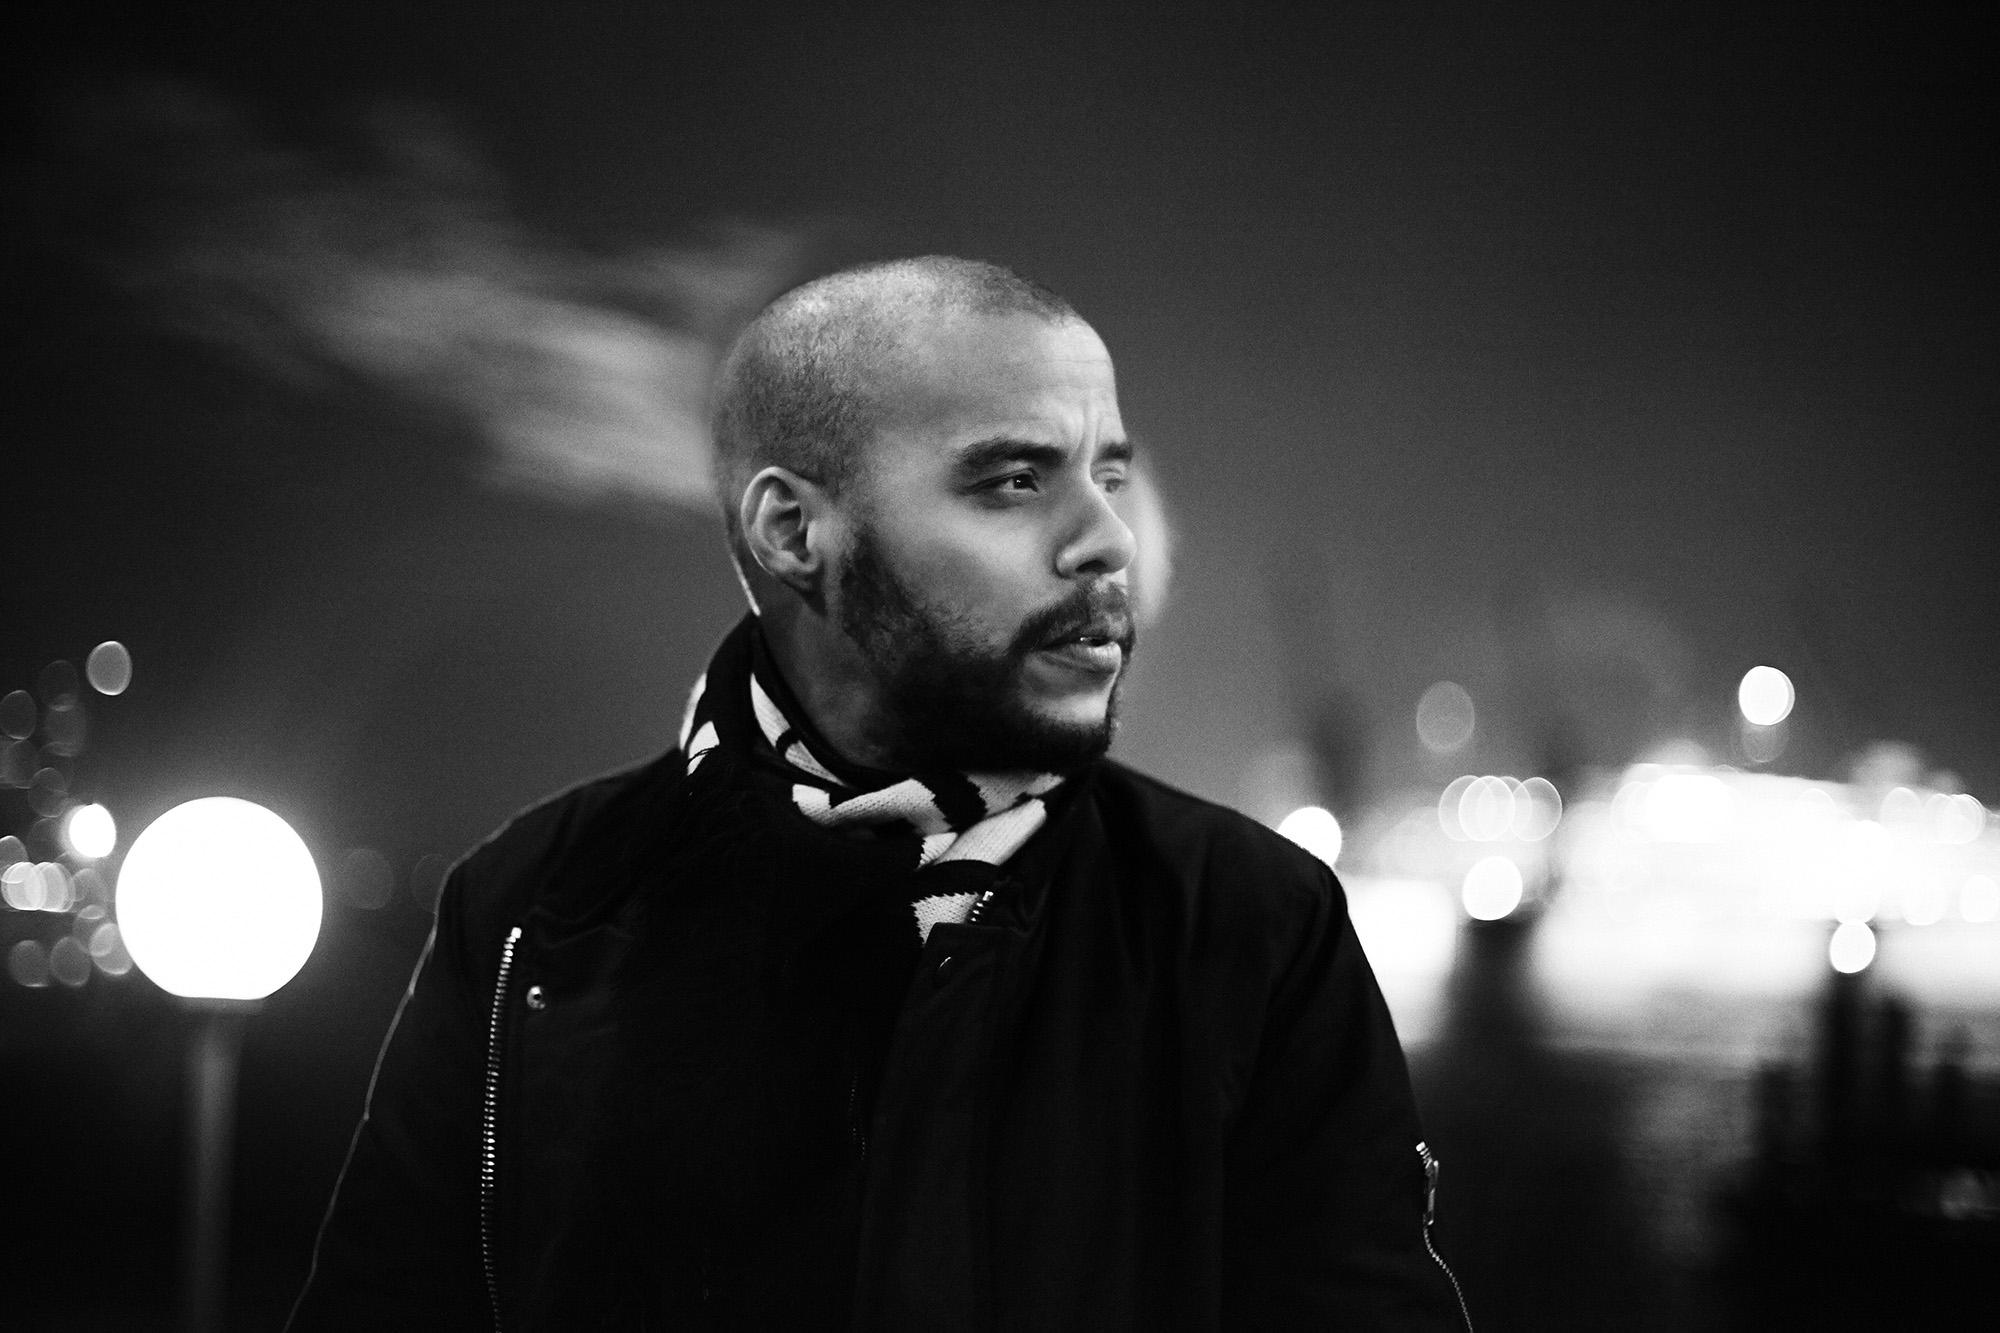 MC und Produzent Denyo bringt bald sein neues Album #DERBE heraus - und jetzt schon den Titelsong daraus.